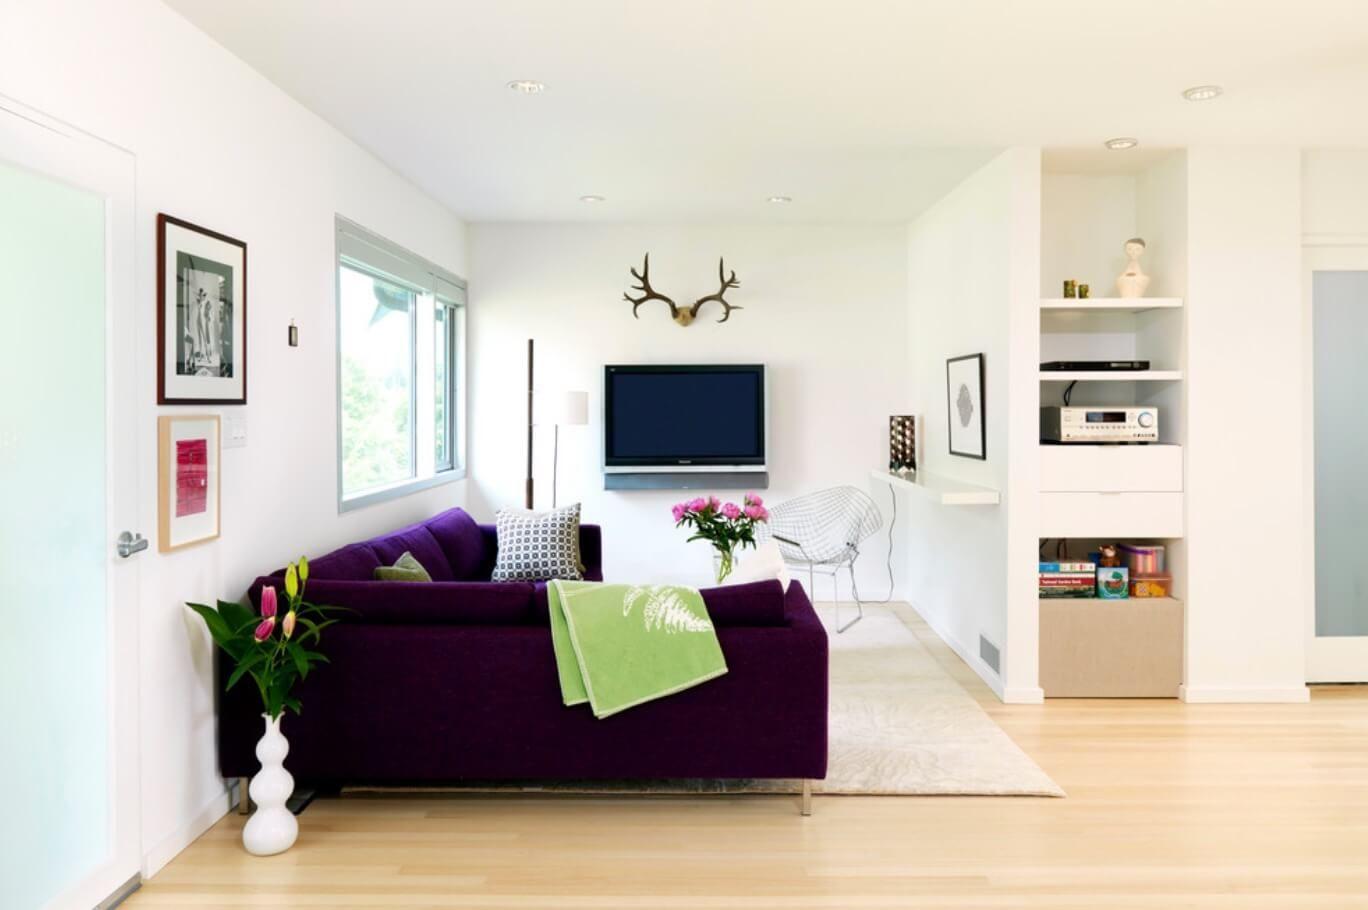 Ideen wie Sie Ihren kleinen Raum optimal nutzen können